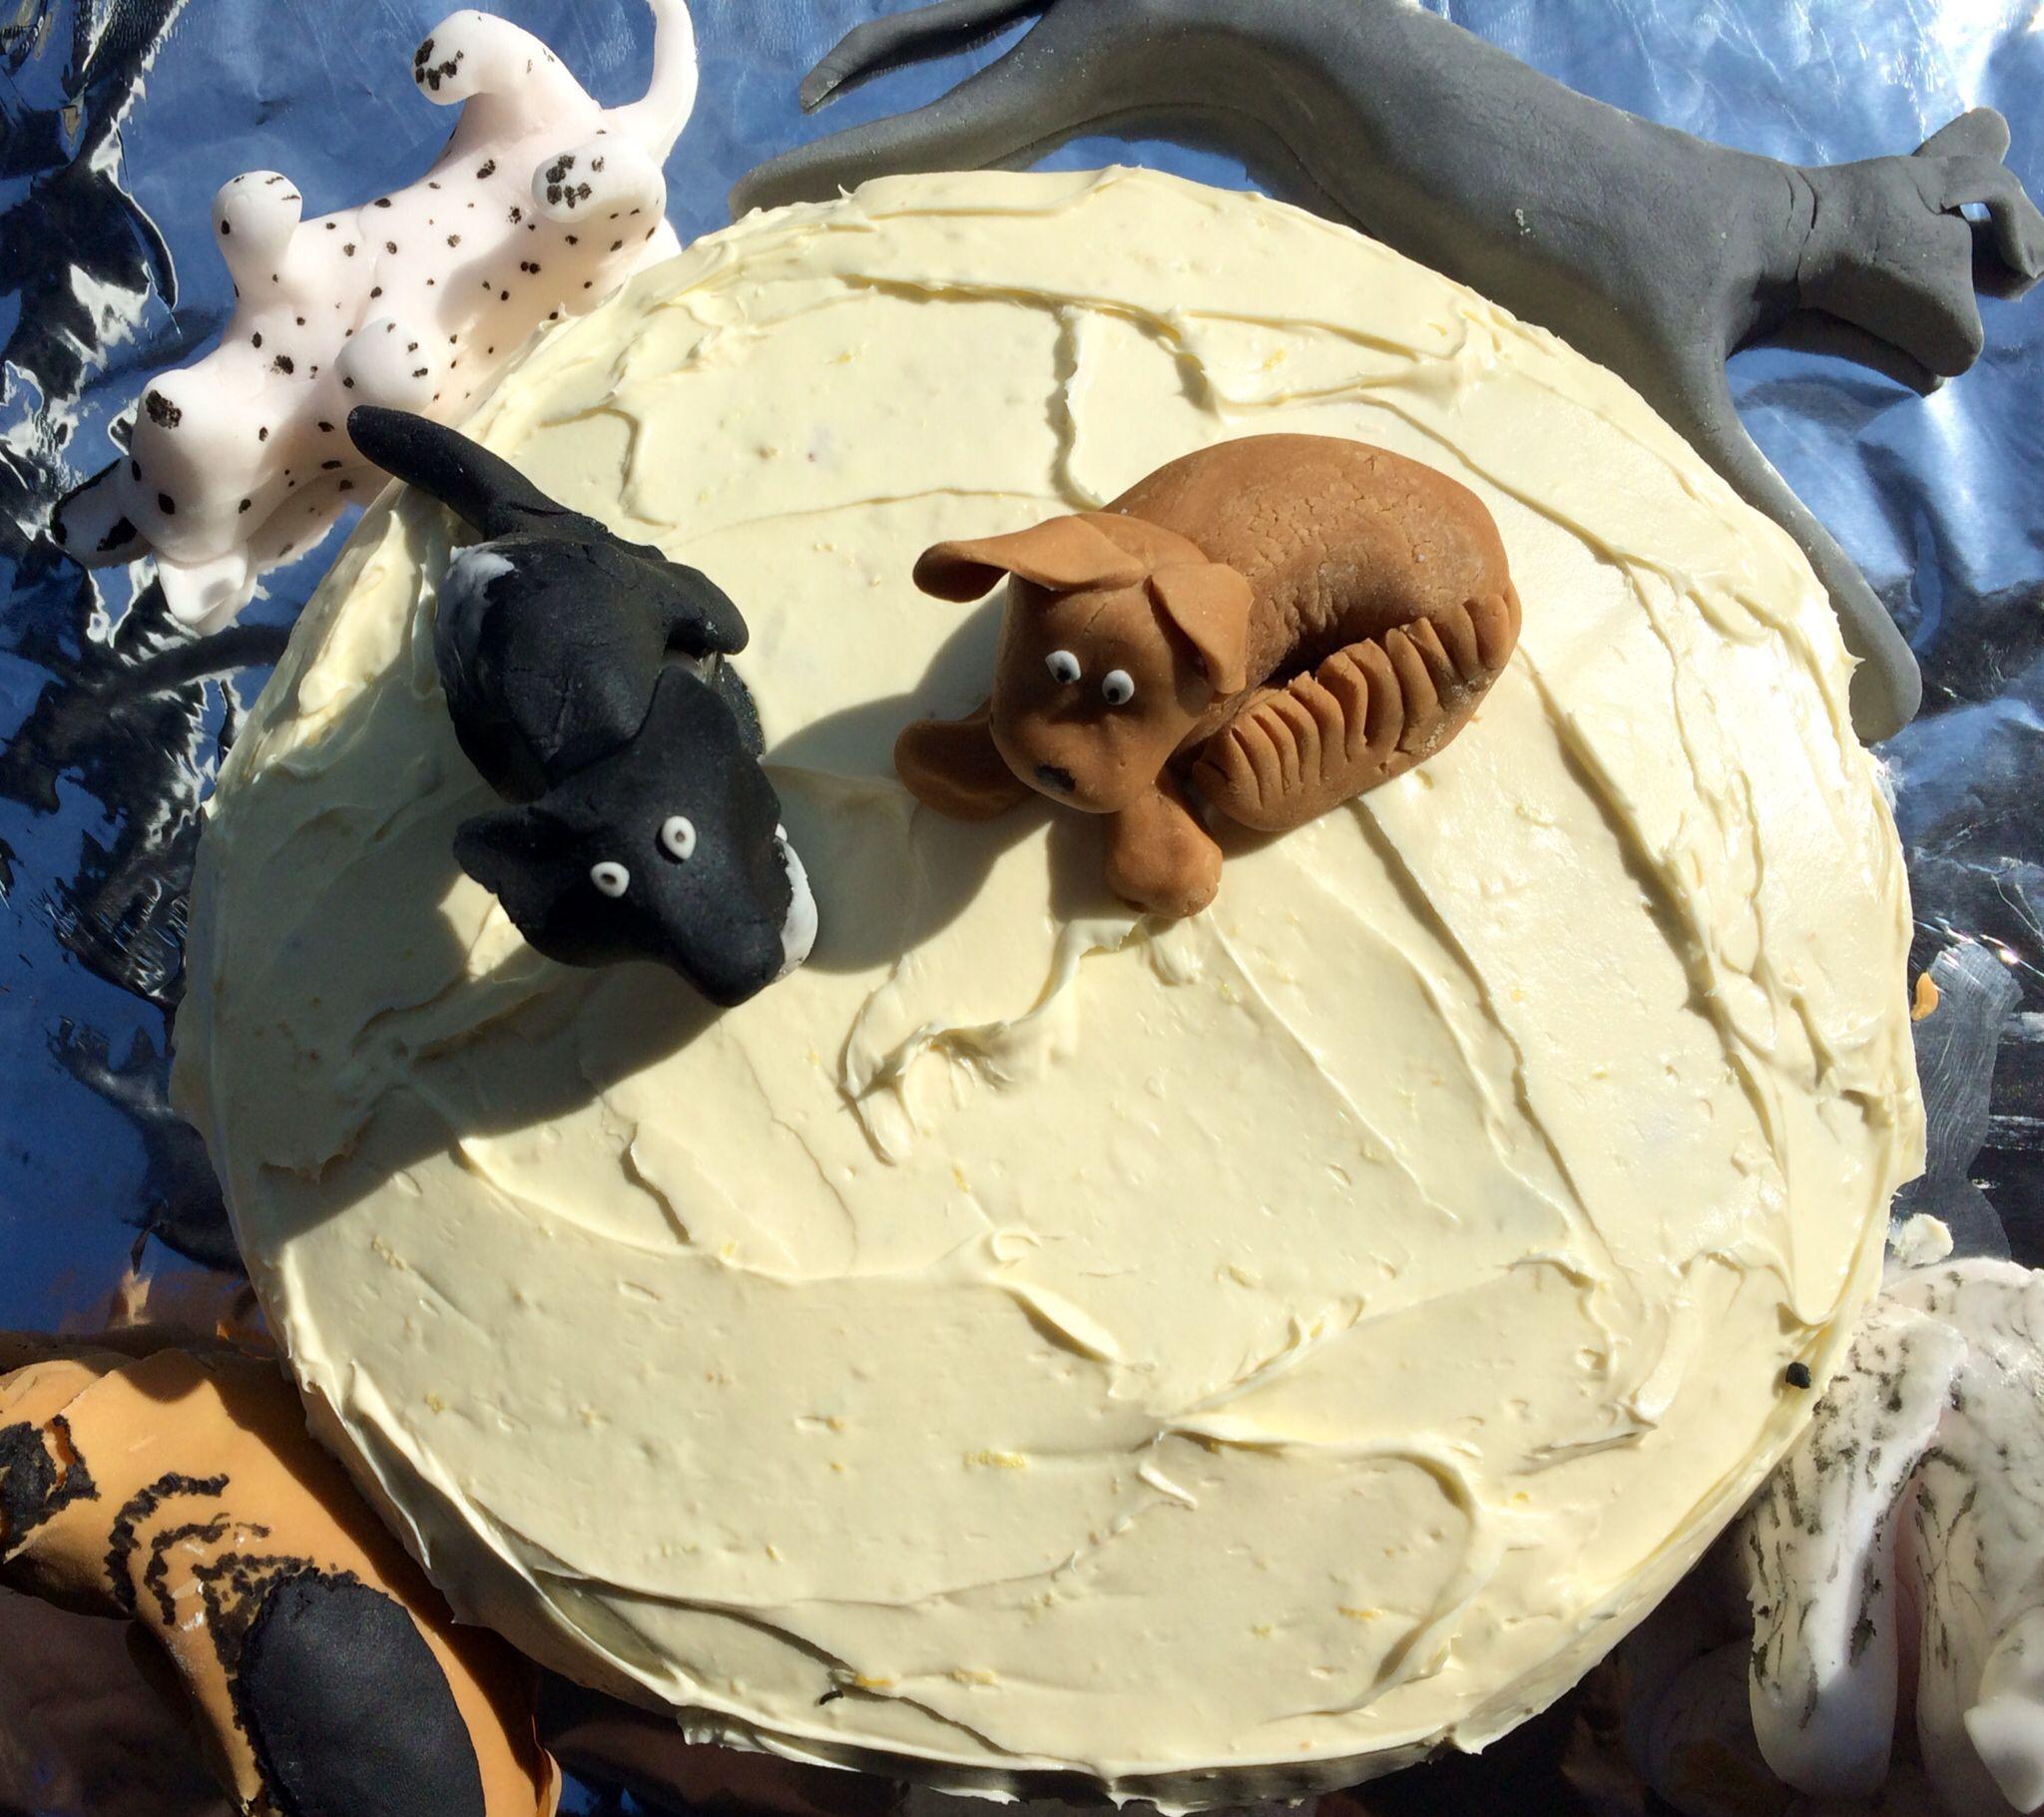 Lemon sponge dog lover's birthday cake